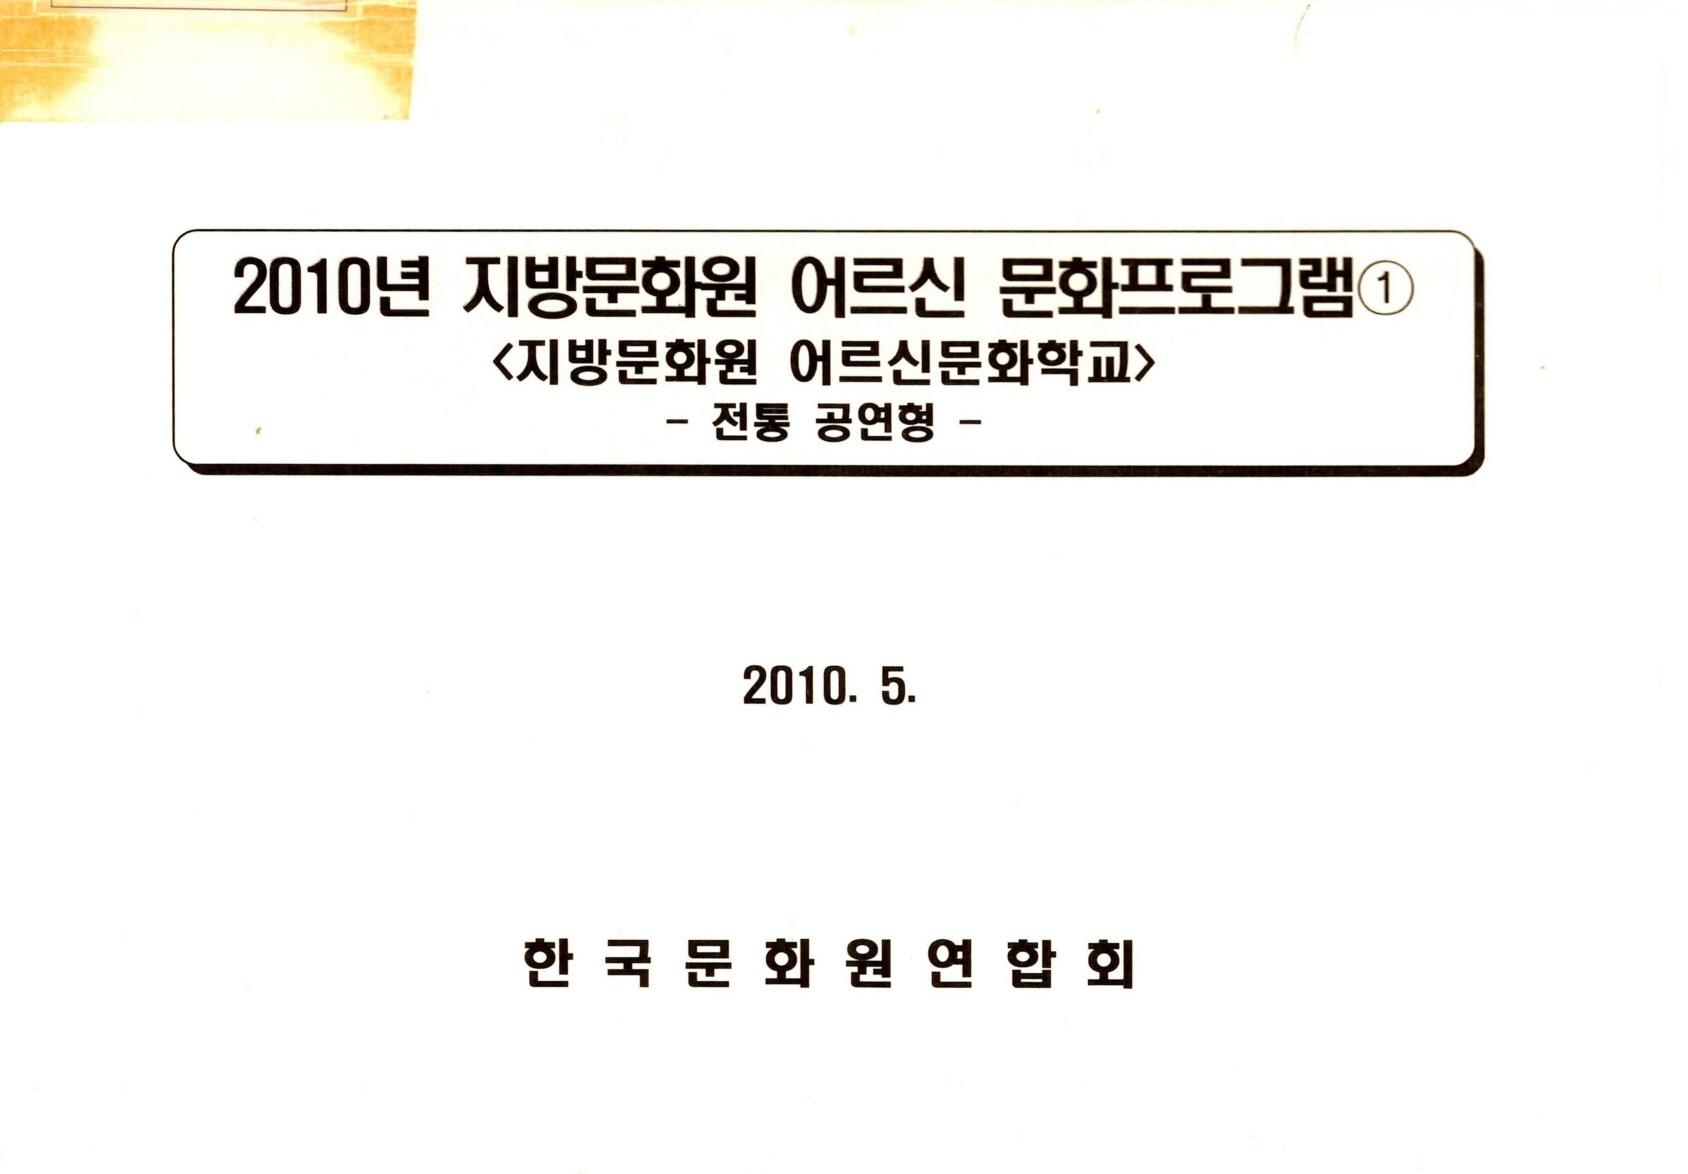 2010년 지방문화원 어르신 문화프로그램1 <지방문화원 어르신문화학교> -전통 공연형-